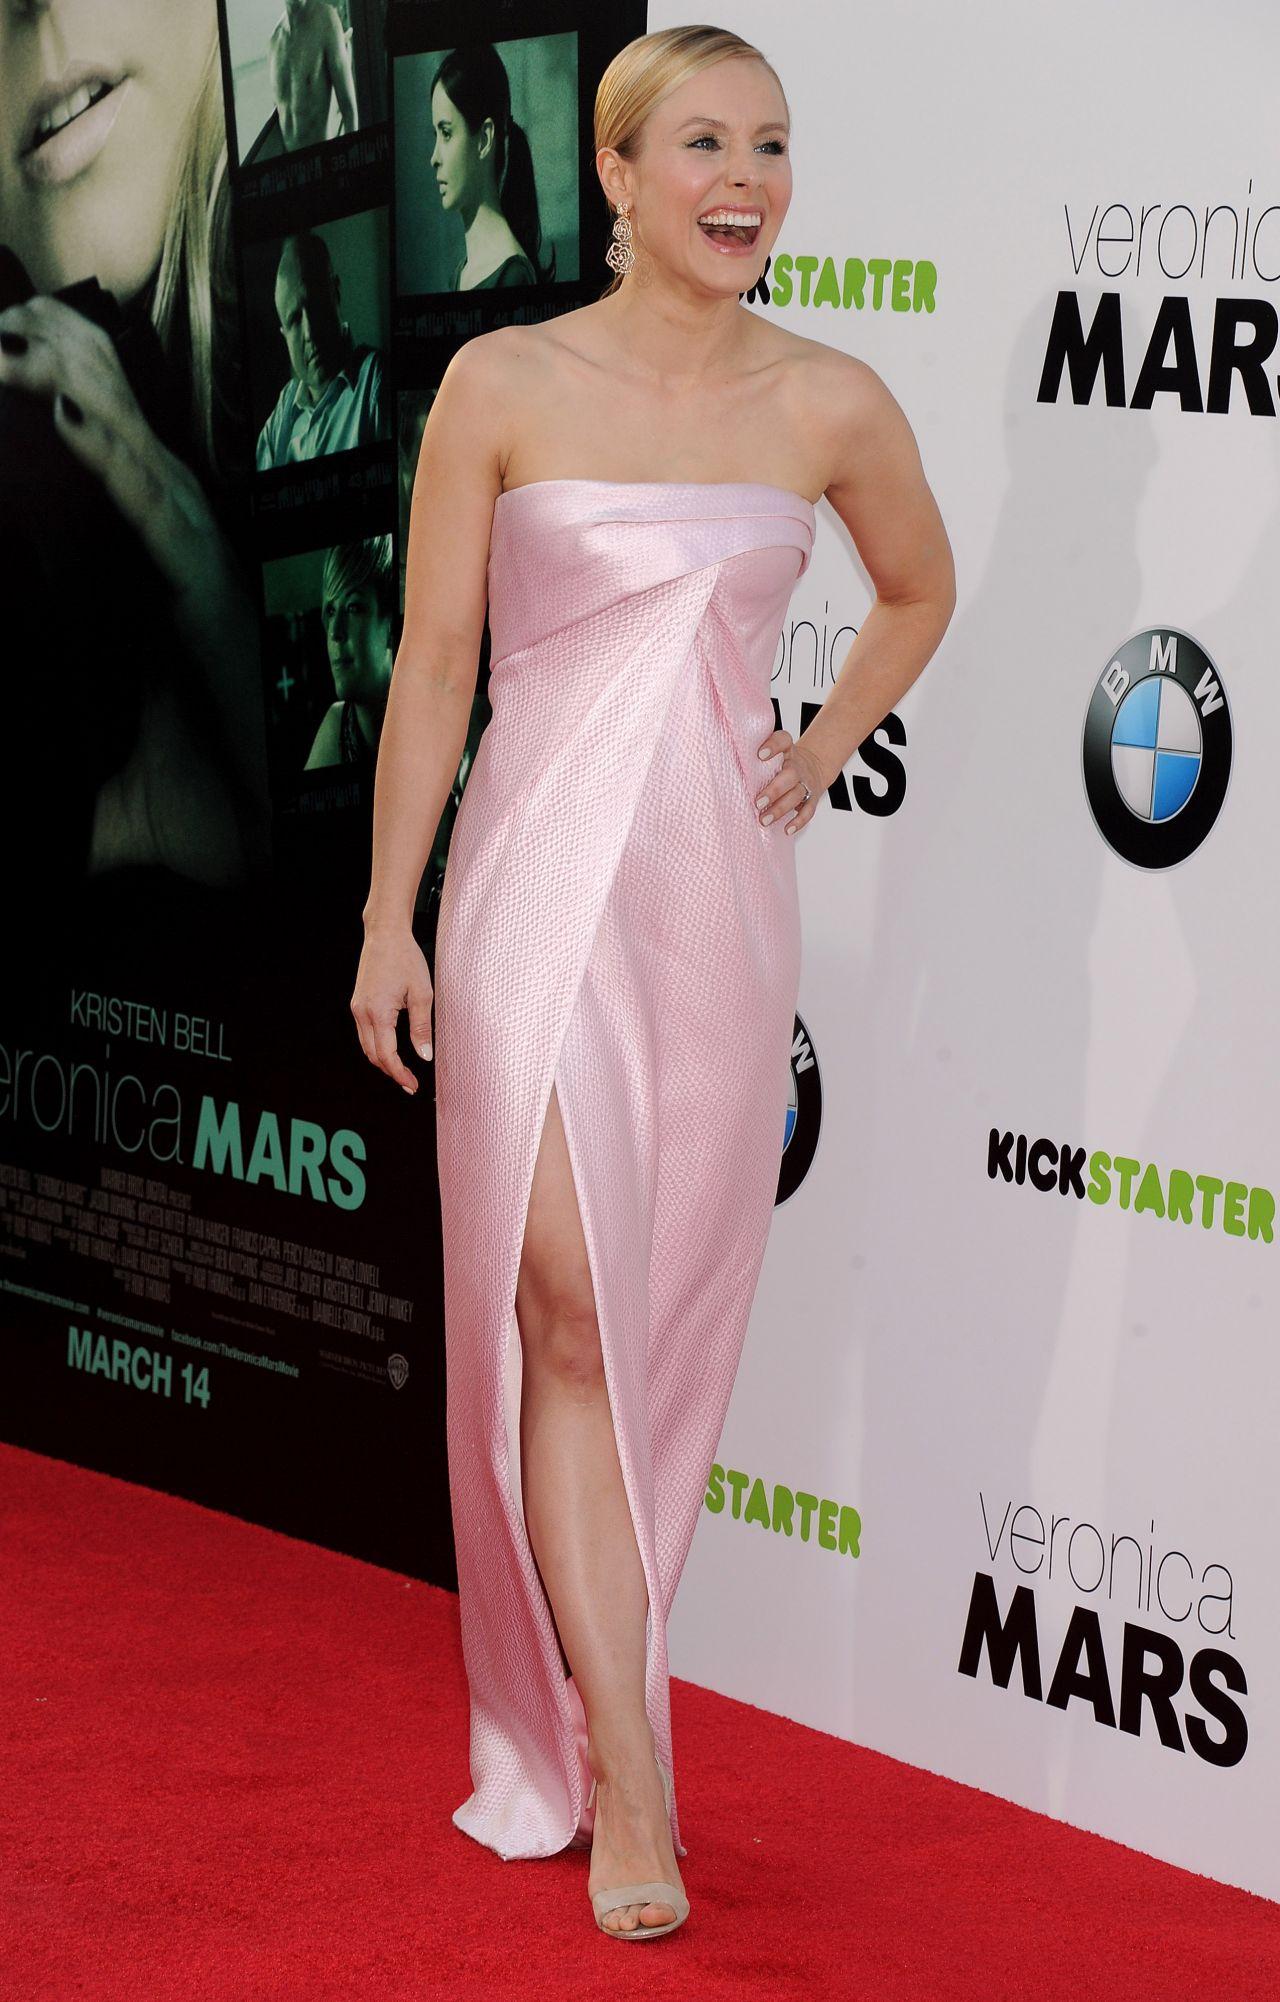 Kristen Bell - 'Veroni... Taylor Momsen